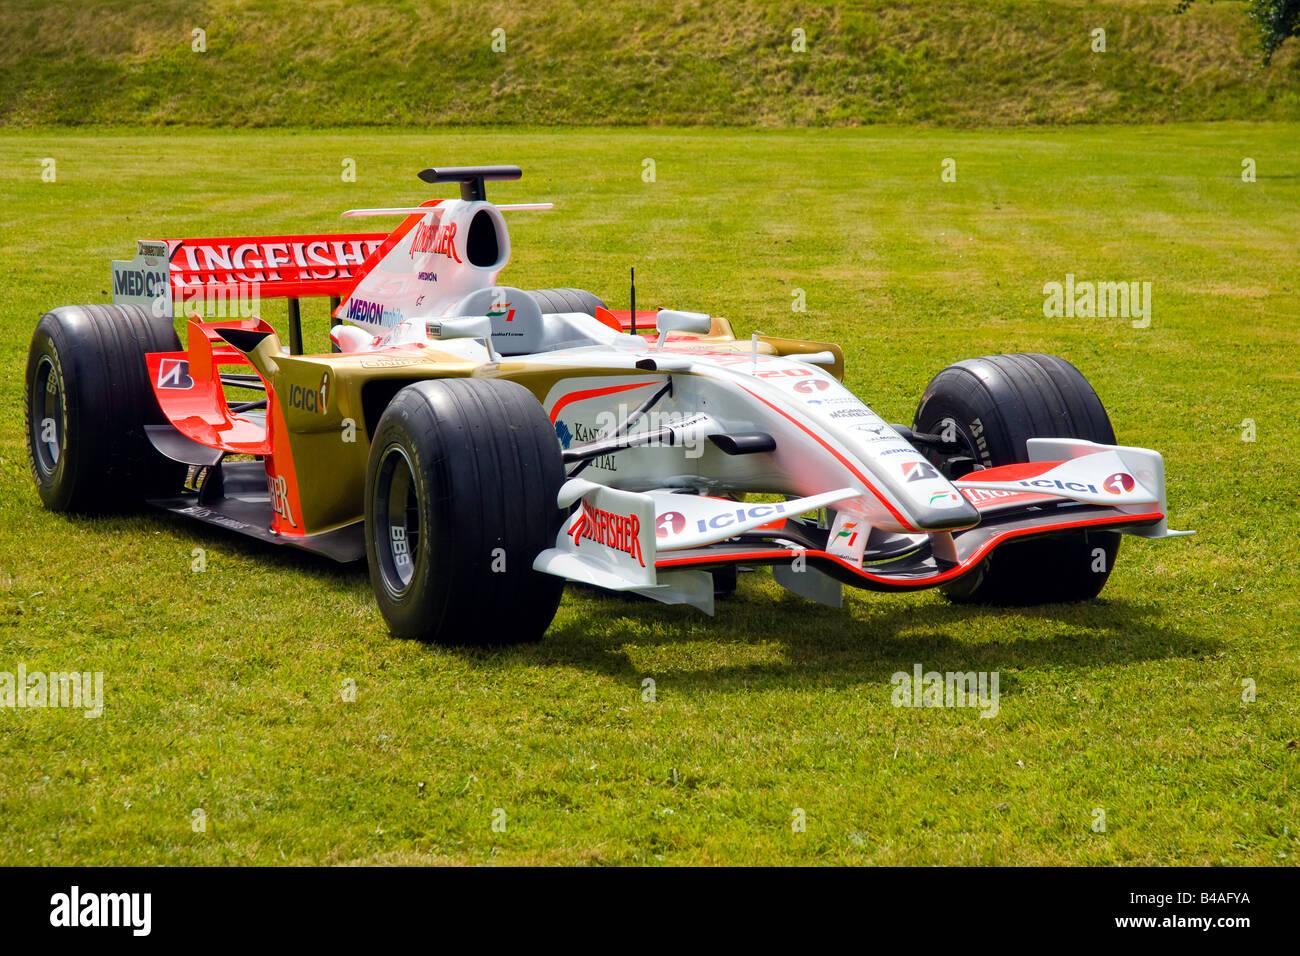 F1 Formula one motor sport Kingfisher Force India - Stock Image